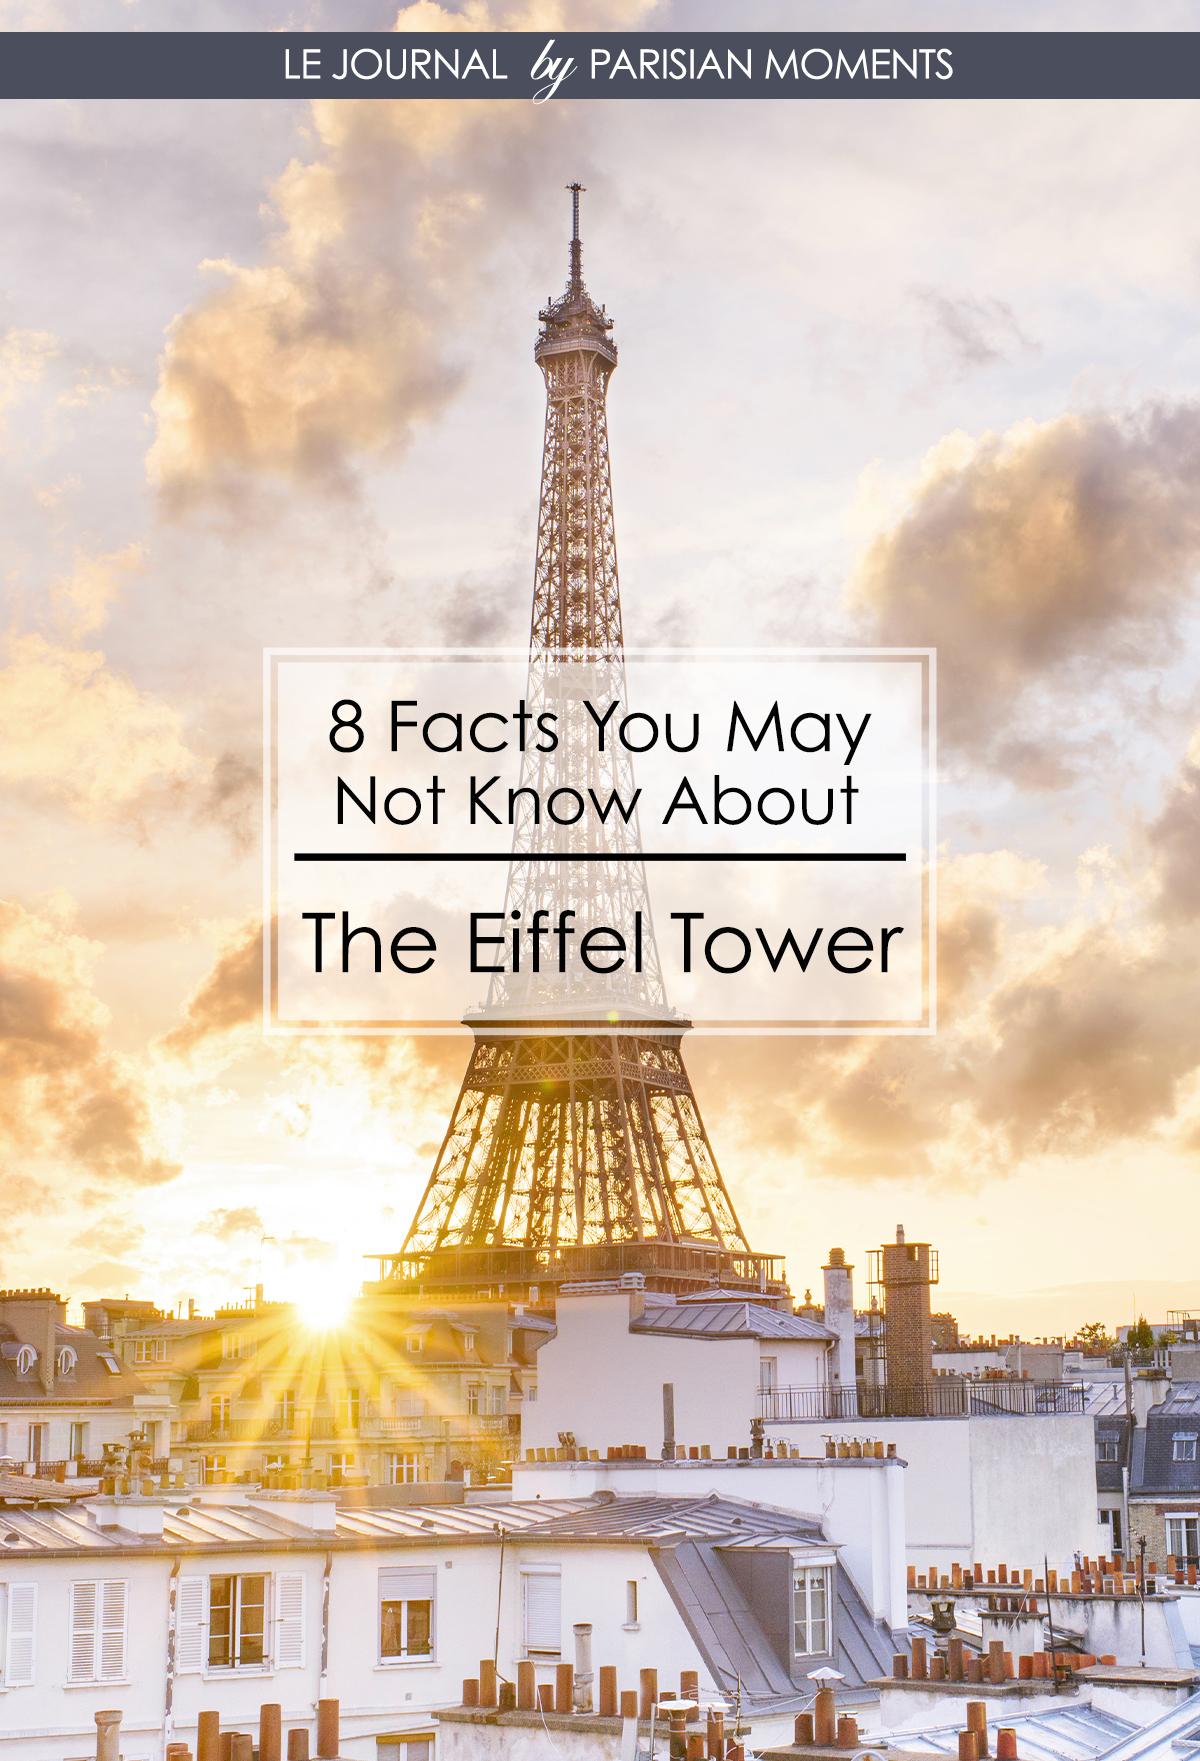 EiffelTower Blog Post Cover 2.jpg